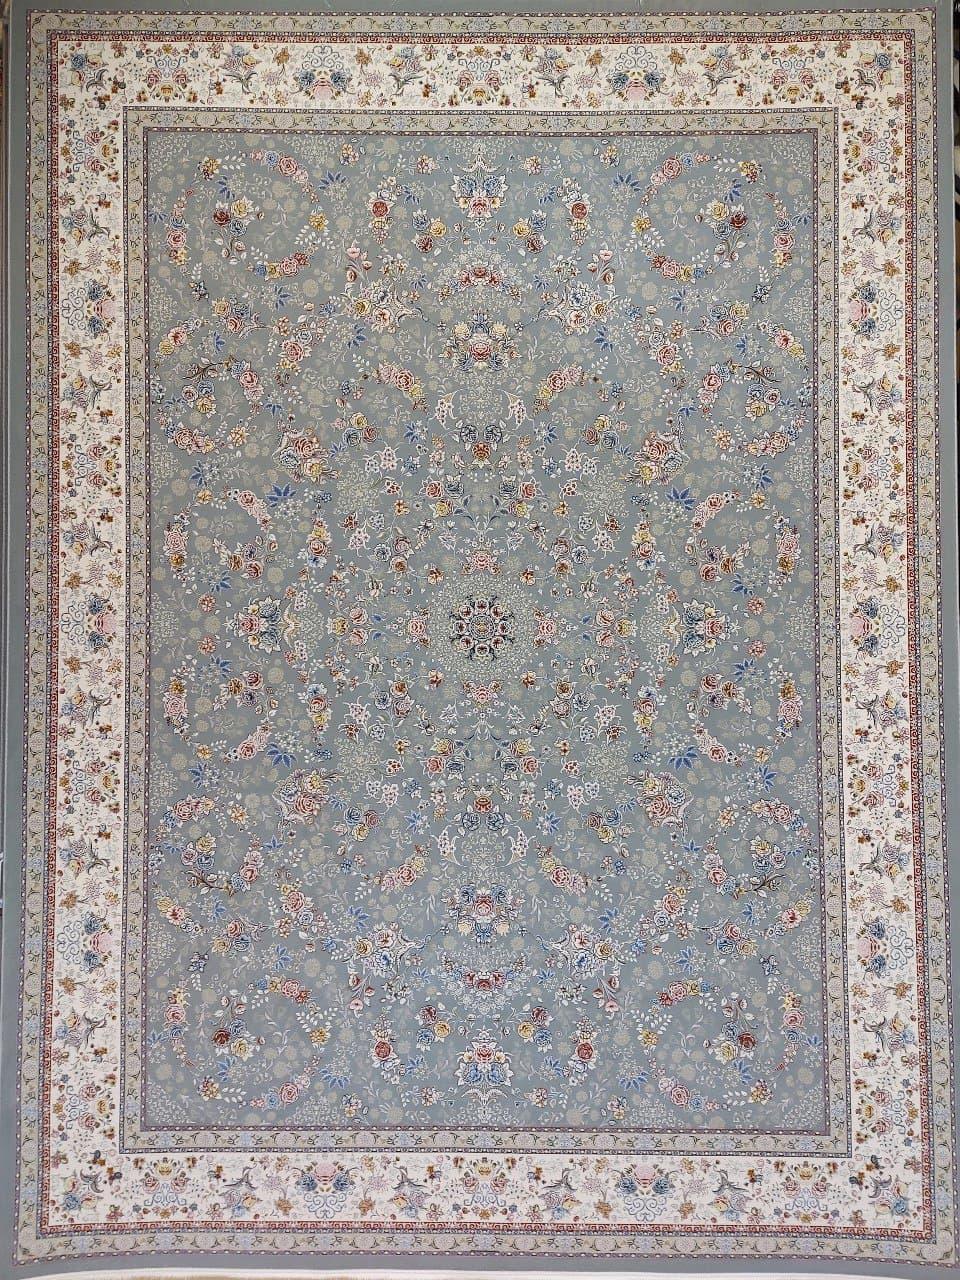 فرش 1500 شانه گل برجسته نقشه شاهکار زمینه فیلی